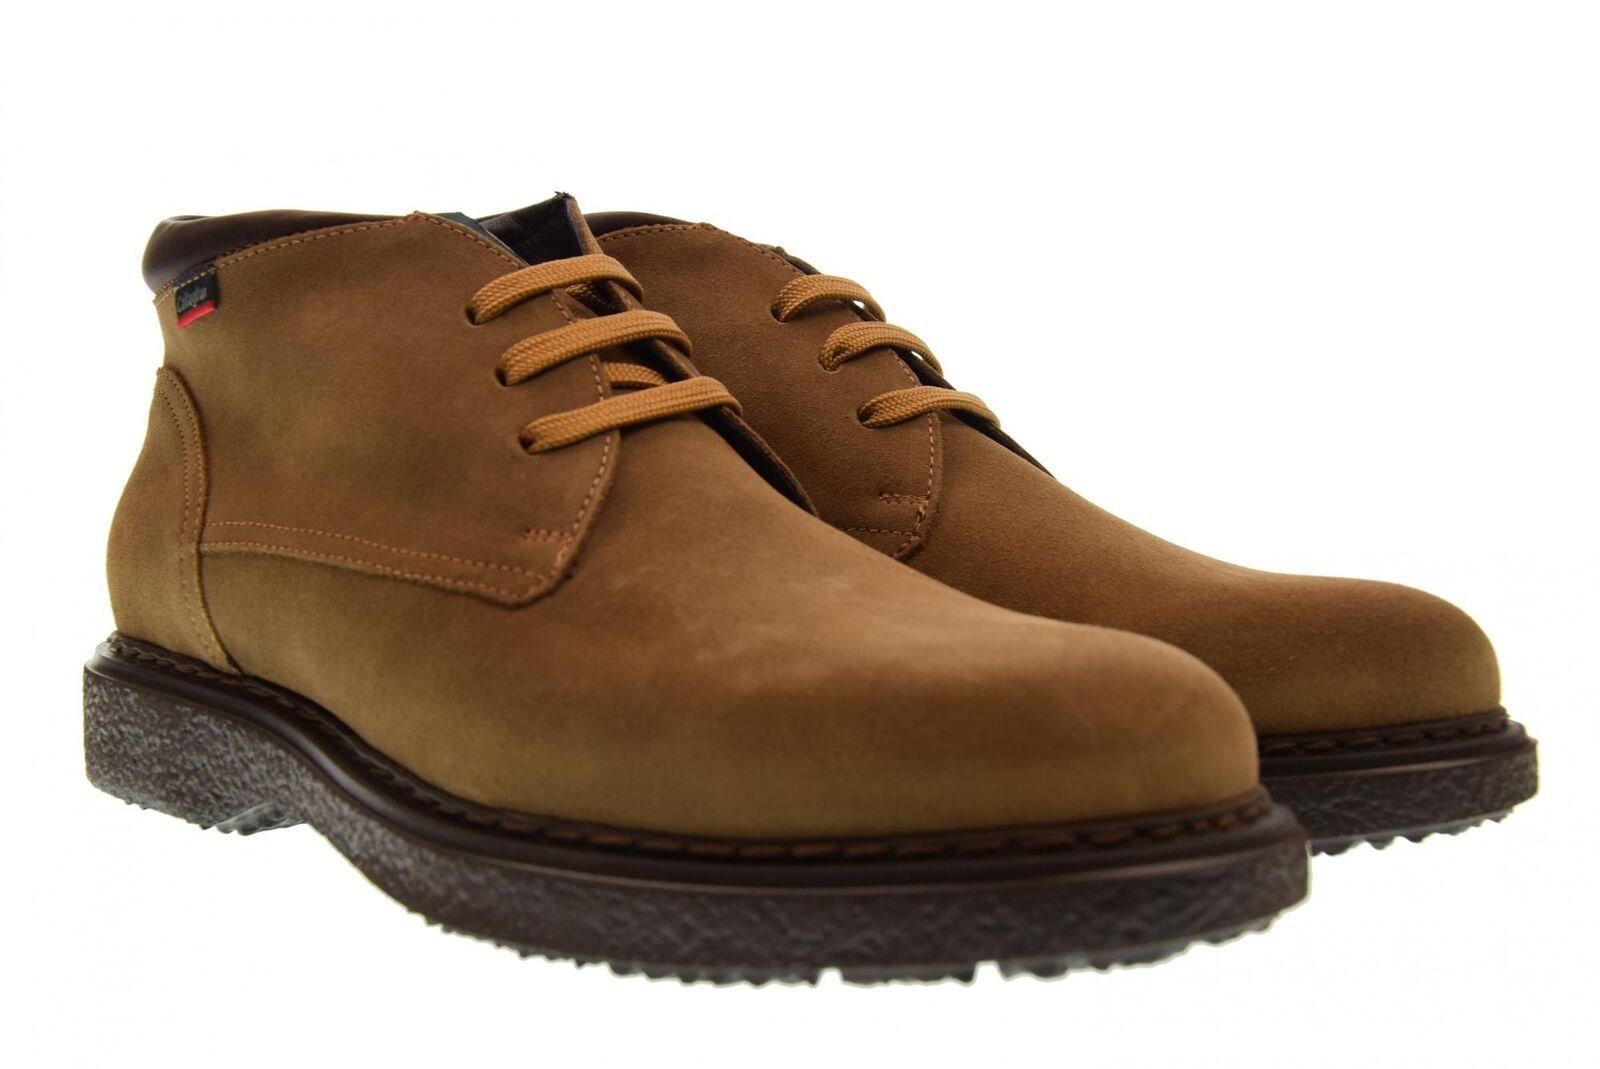 Callaghan scarpe uomo MARRONE polacchini 12302 FREE CREP MARRONE uomo CHIARO A18 847ee5